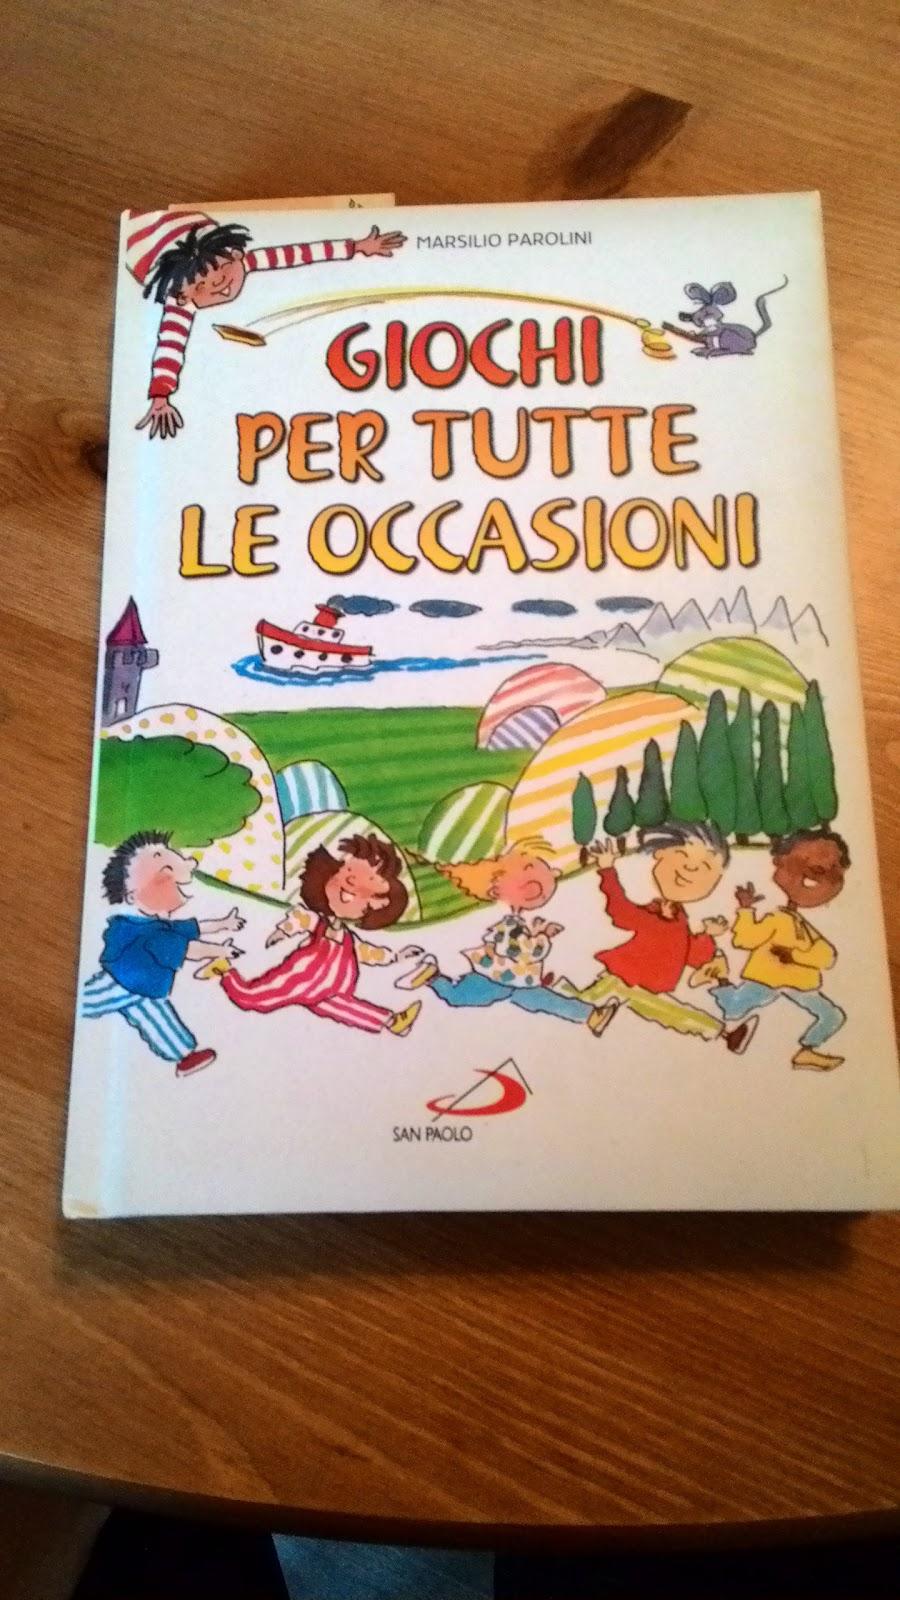 EducereLudendo: Giochi per tutte le occasioni! - Marsilio Parolini